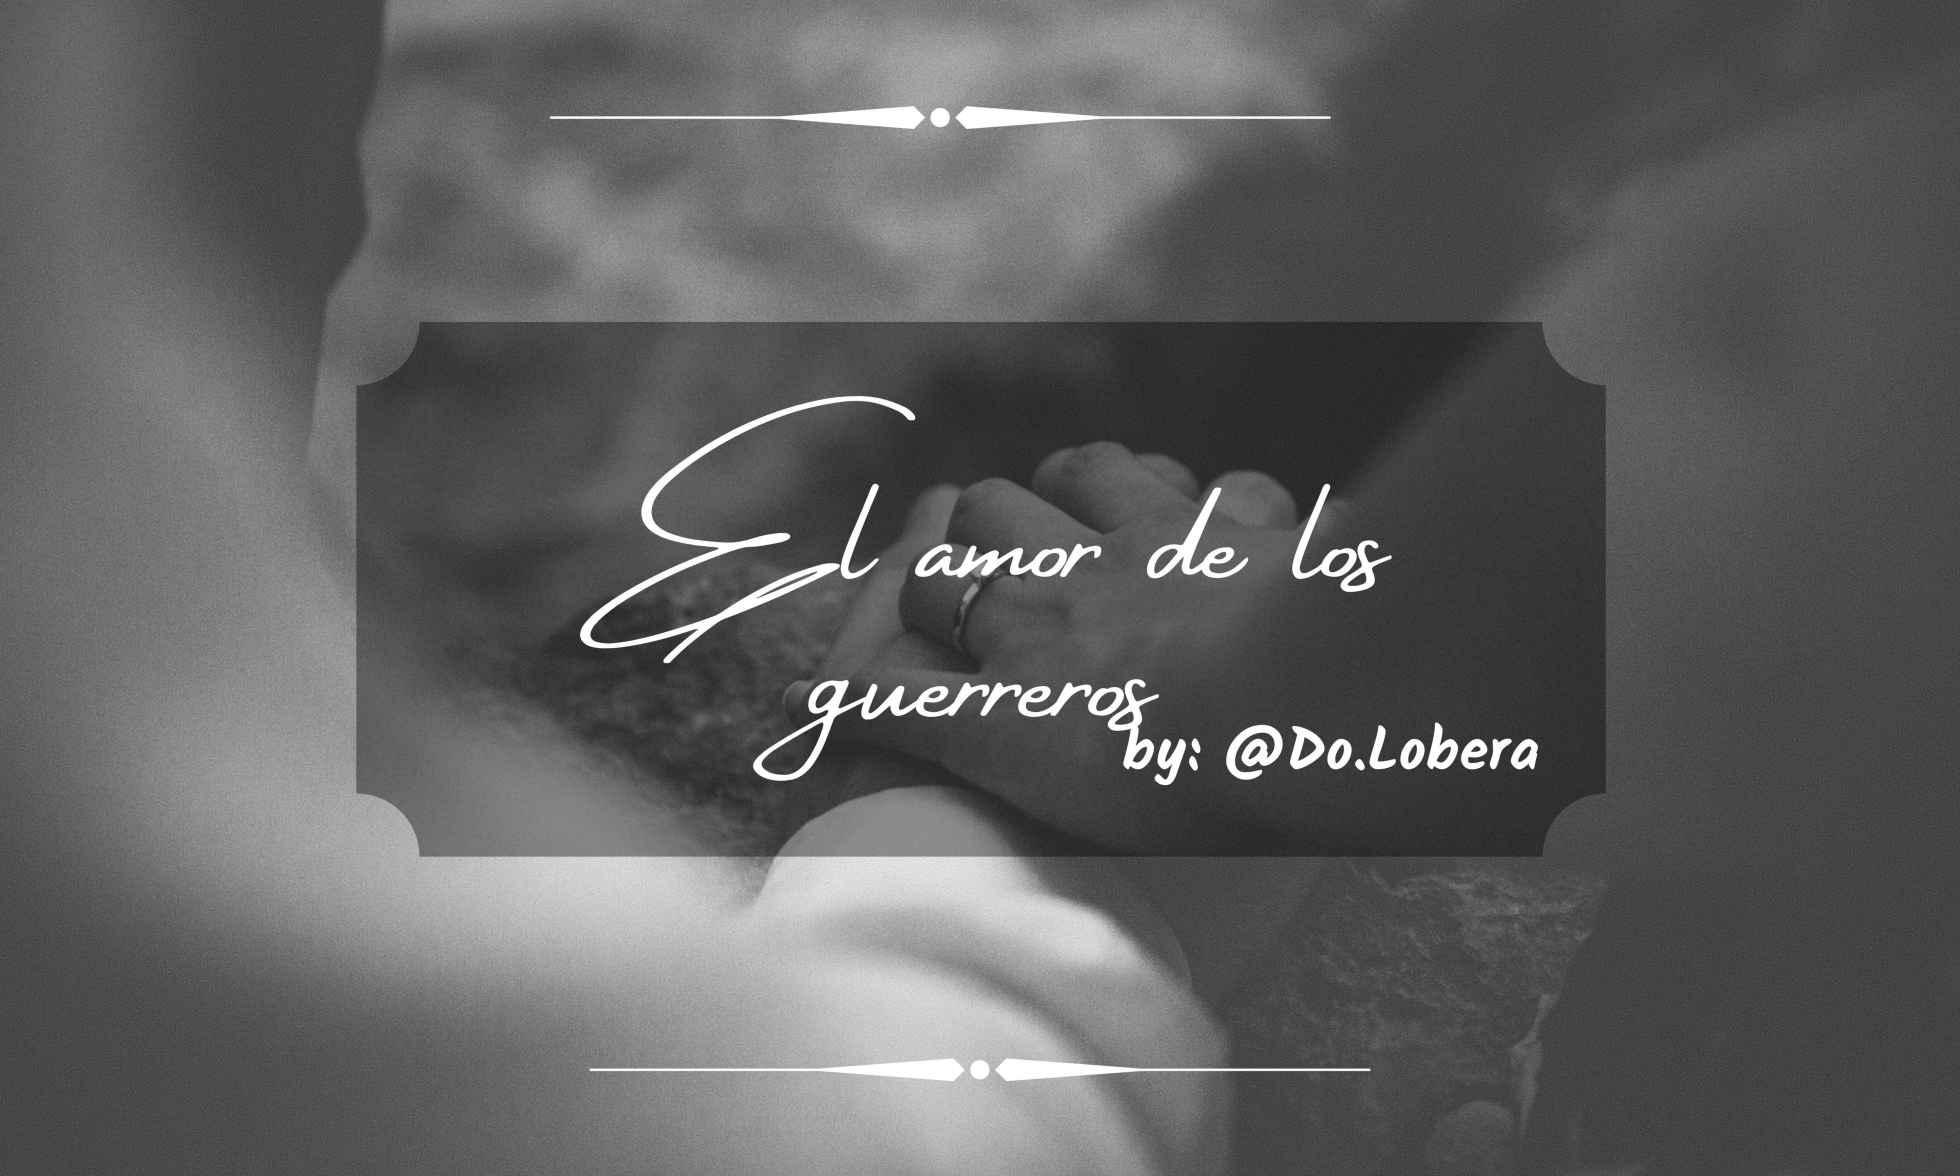 El amor de los guerreros - By do.lobera